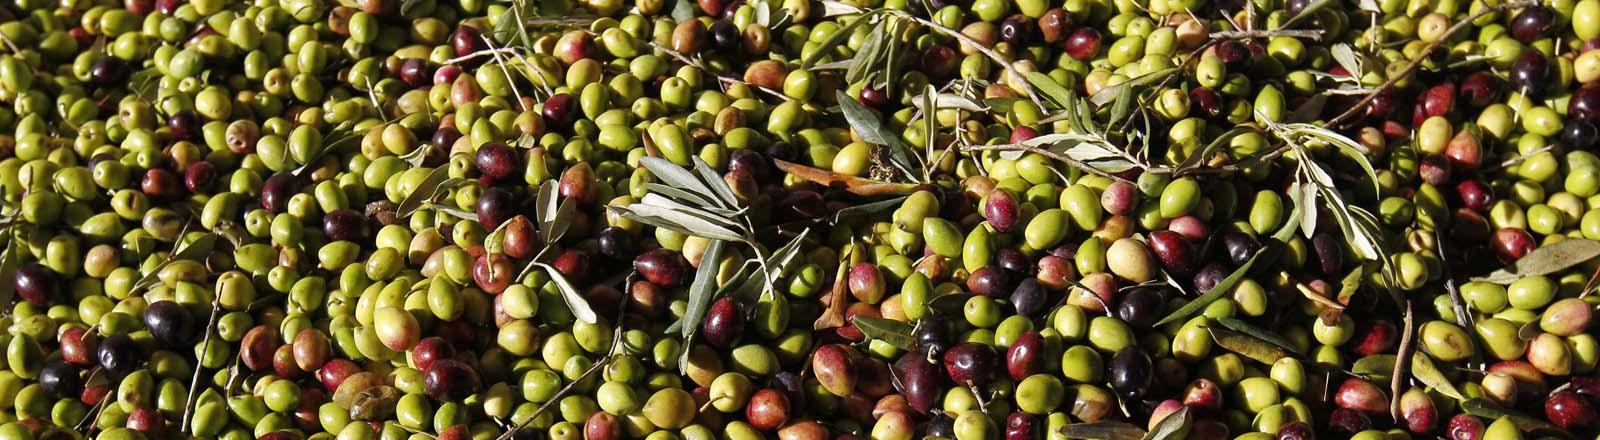 Oliven, in diesem Fall allerdings aus Südfrankreich...